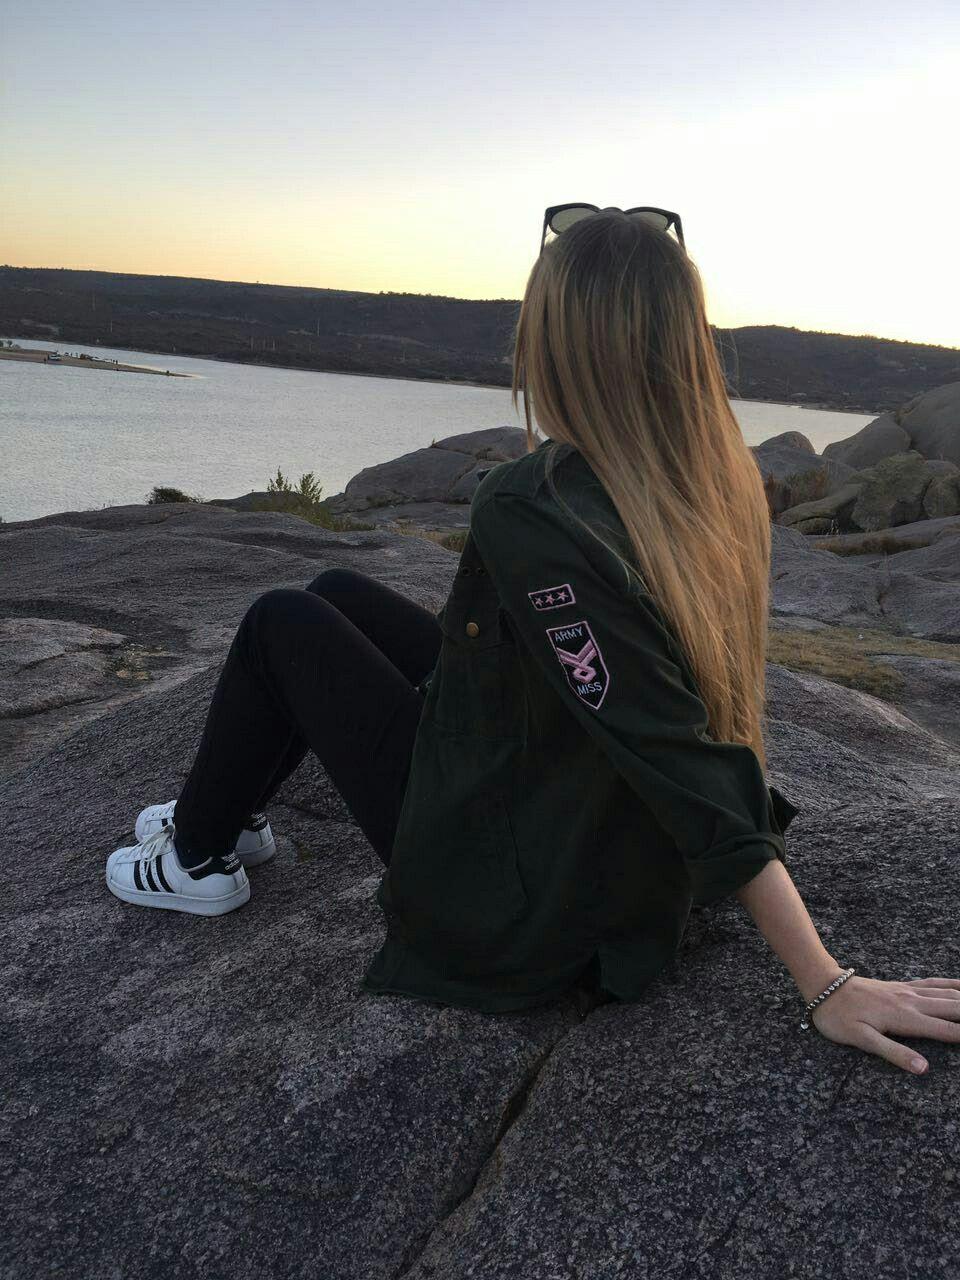 Instagram 1alguemqualquer Pinterest Enfinseafins